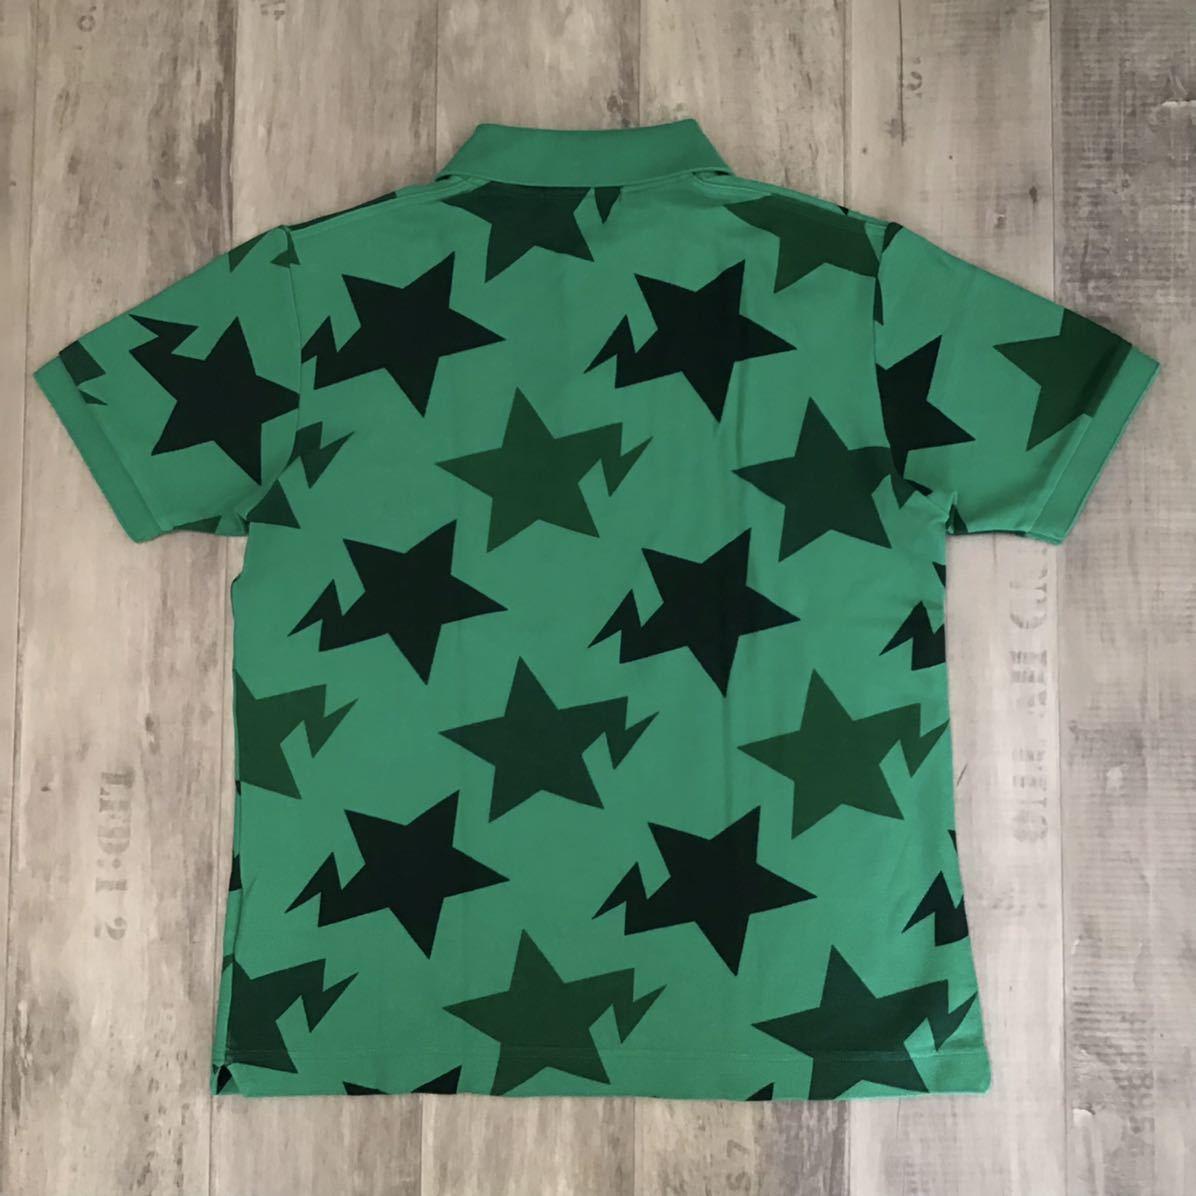 ★渋谷限定★ Shibuya limited star ポロシャツ Mサイズ a bathing ape bape sta エイプ ベイプ スター アベイシングエイプ star j05